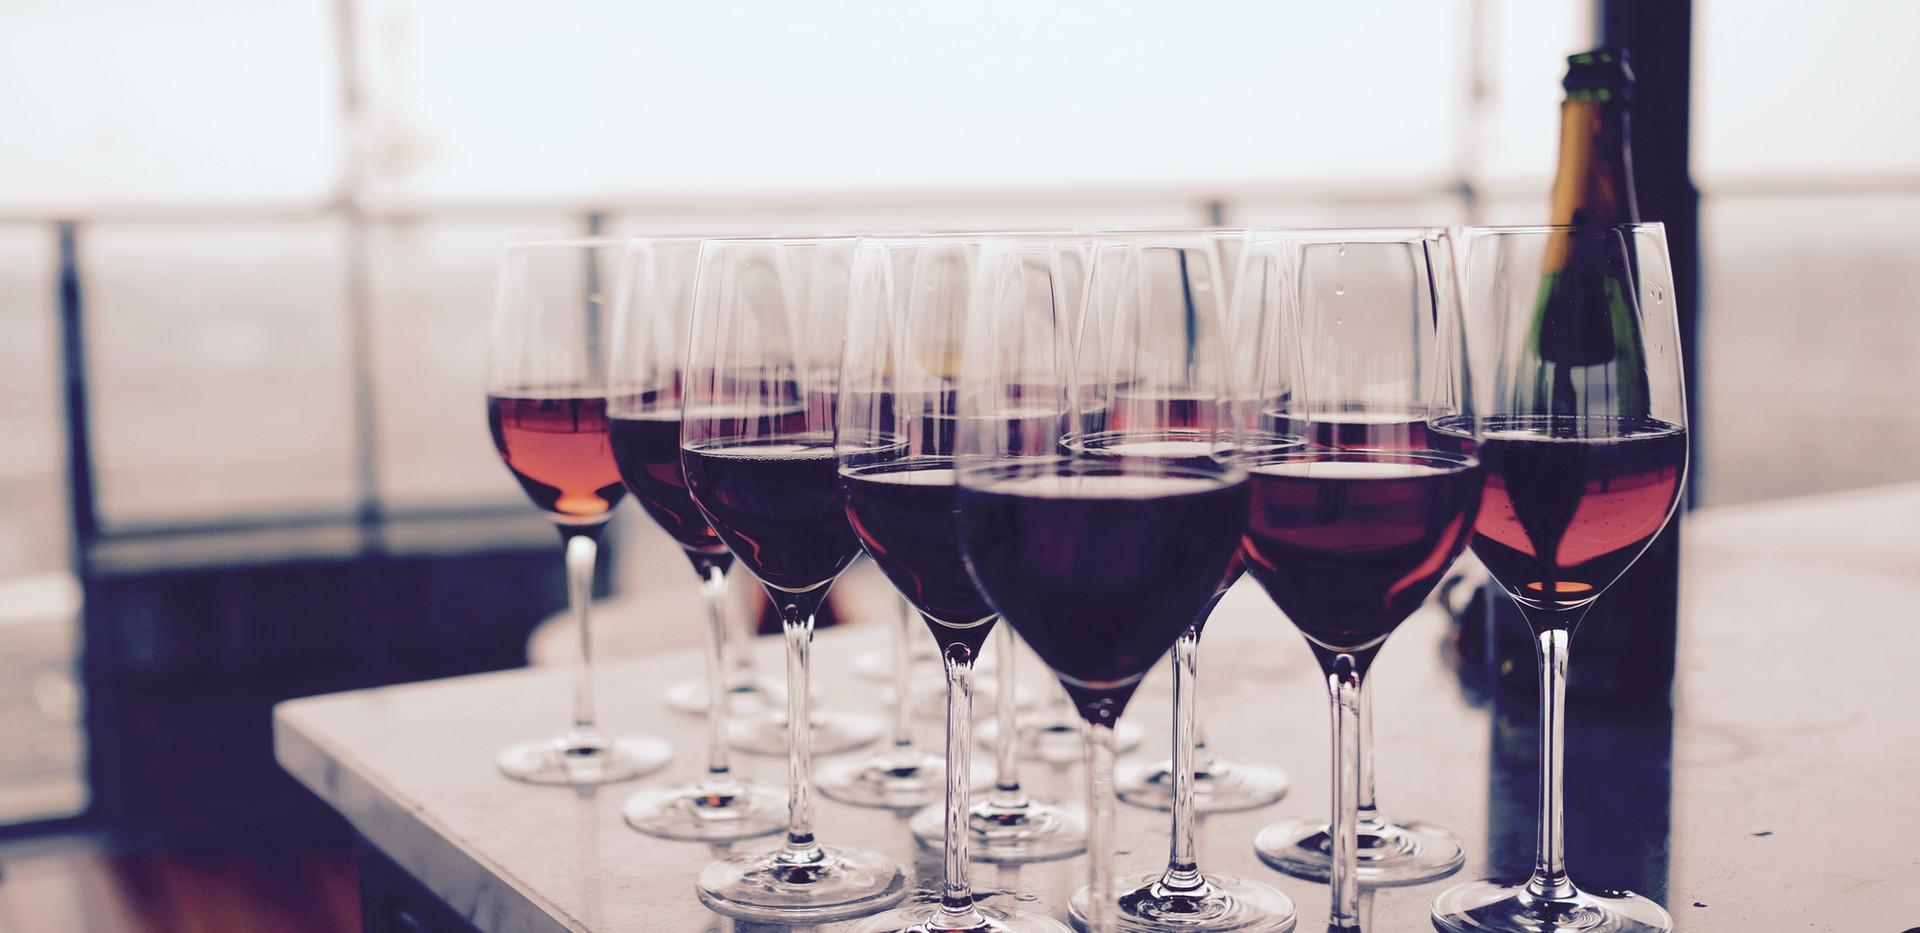 Wijnproeverijen